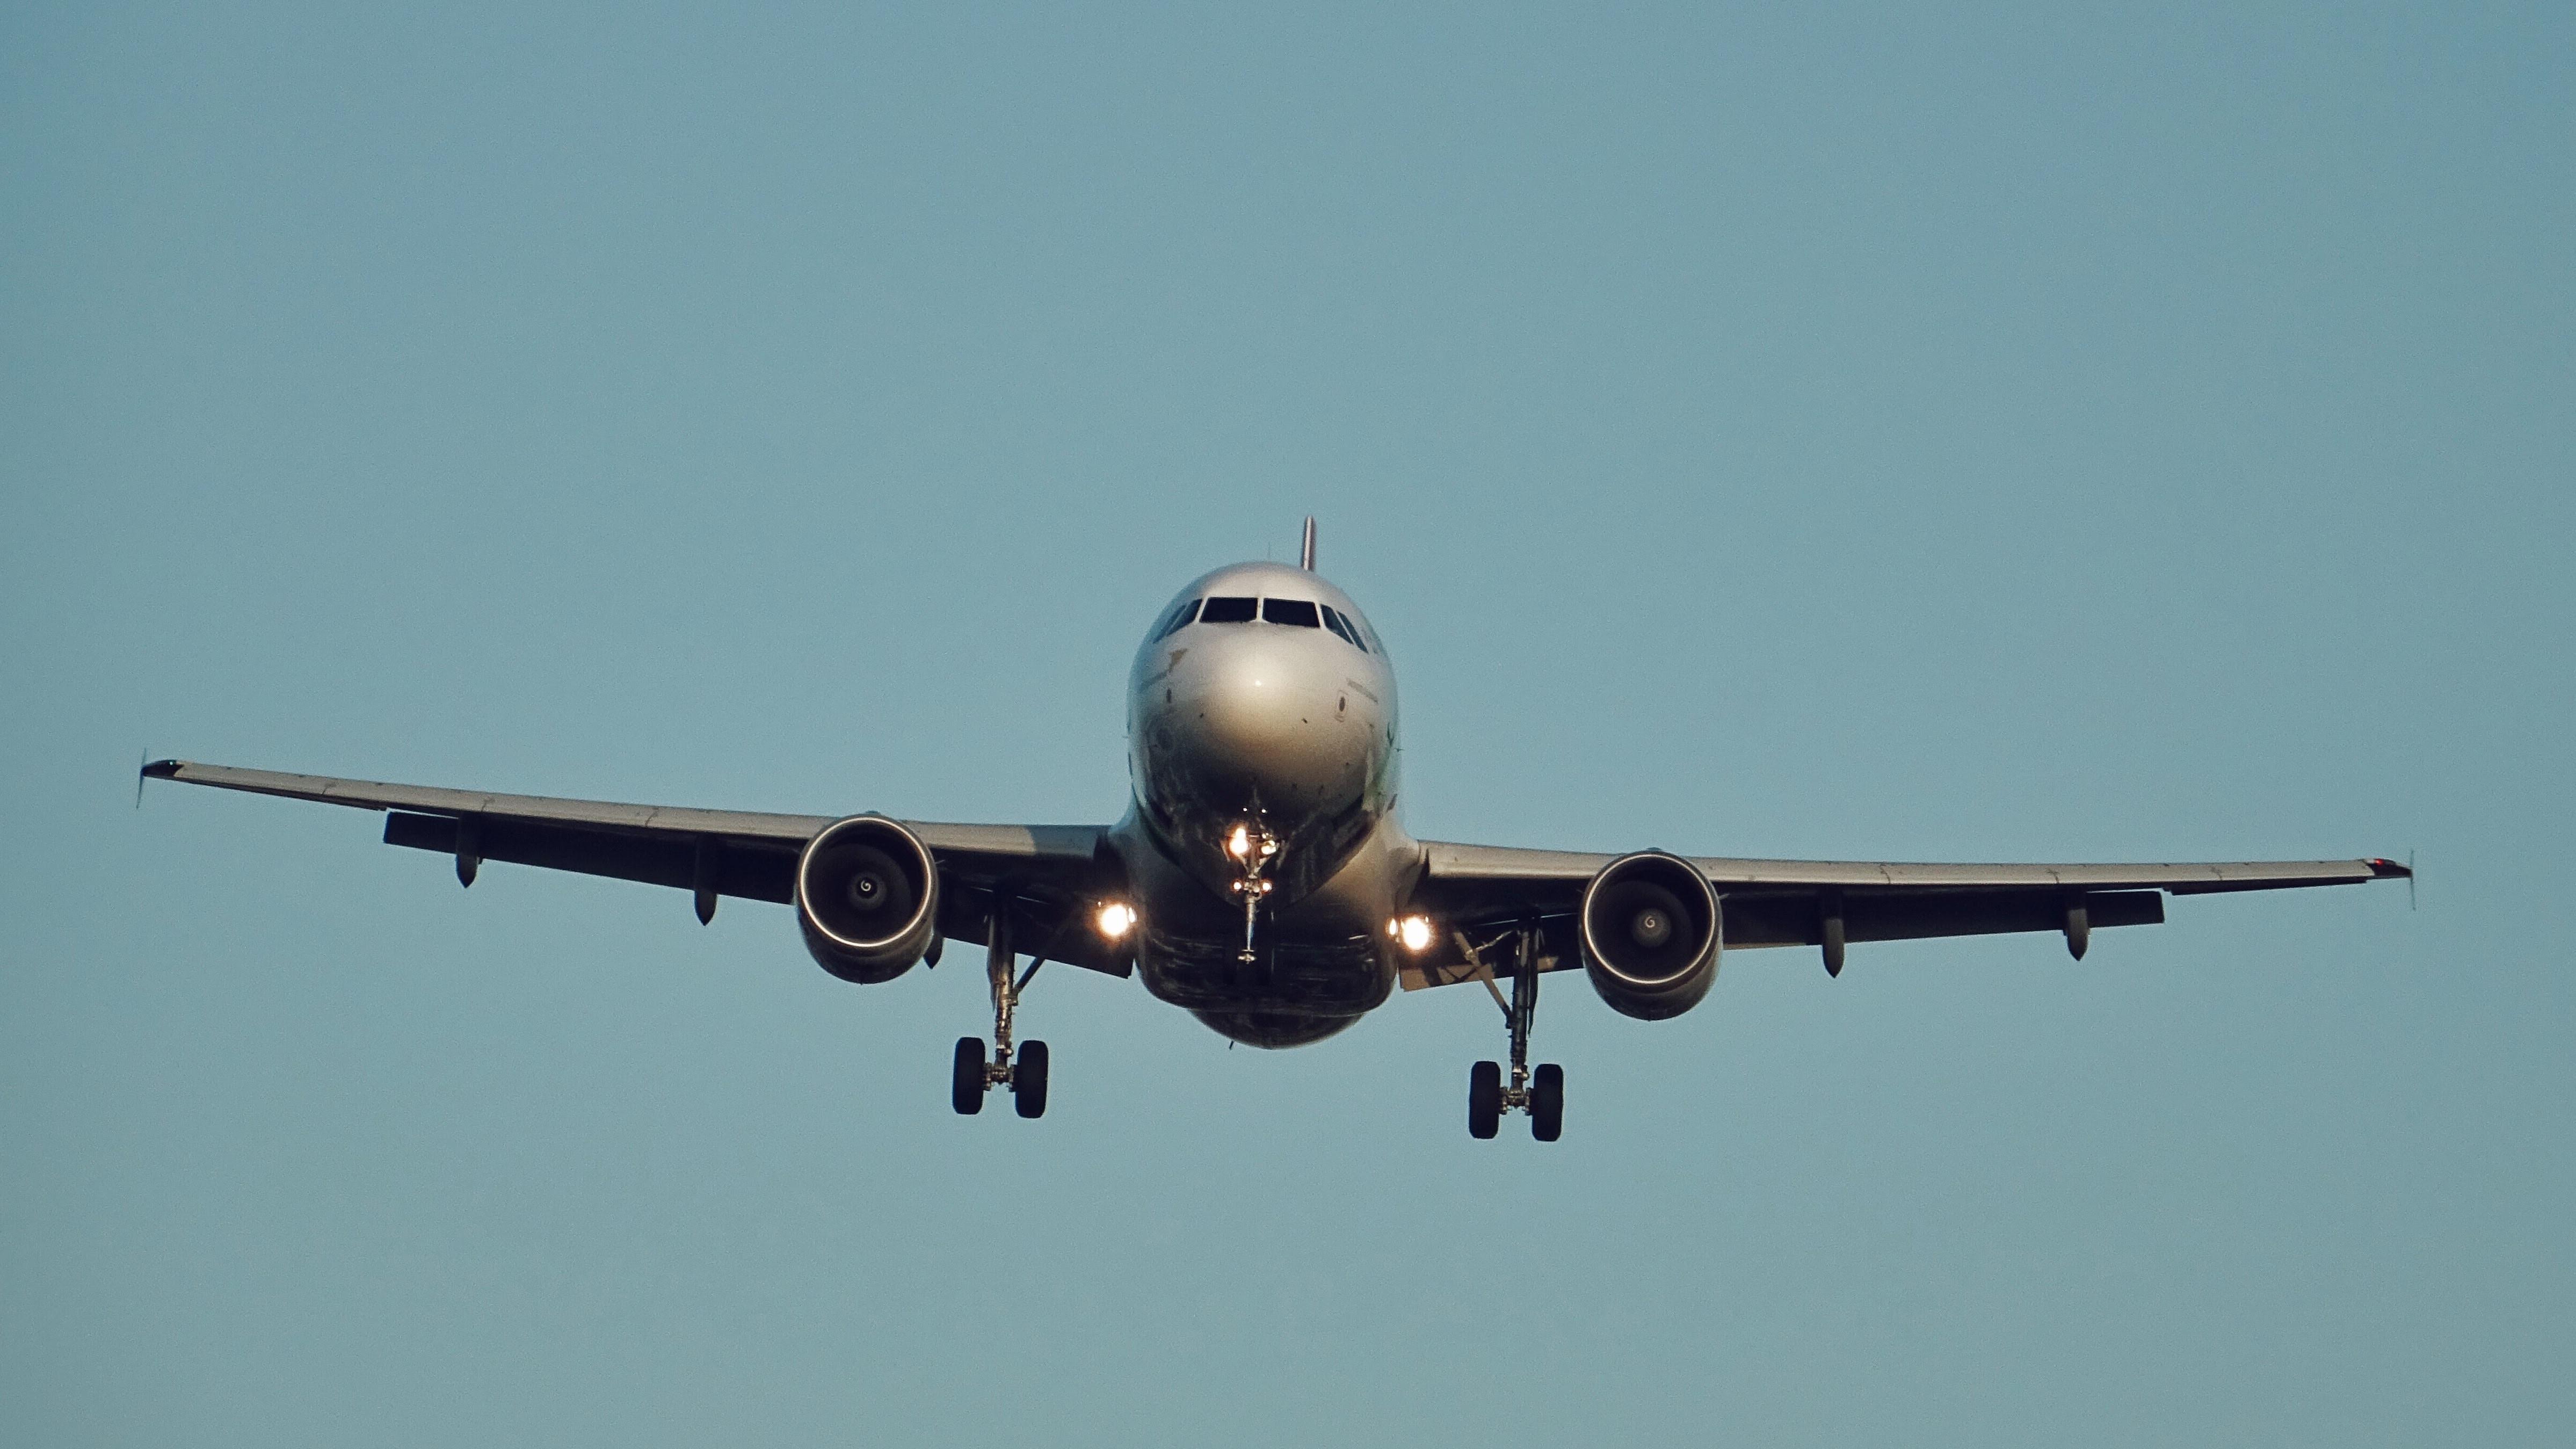 południowo-zachodnie linie lotnicze serwis randkowy pinkwink